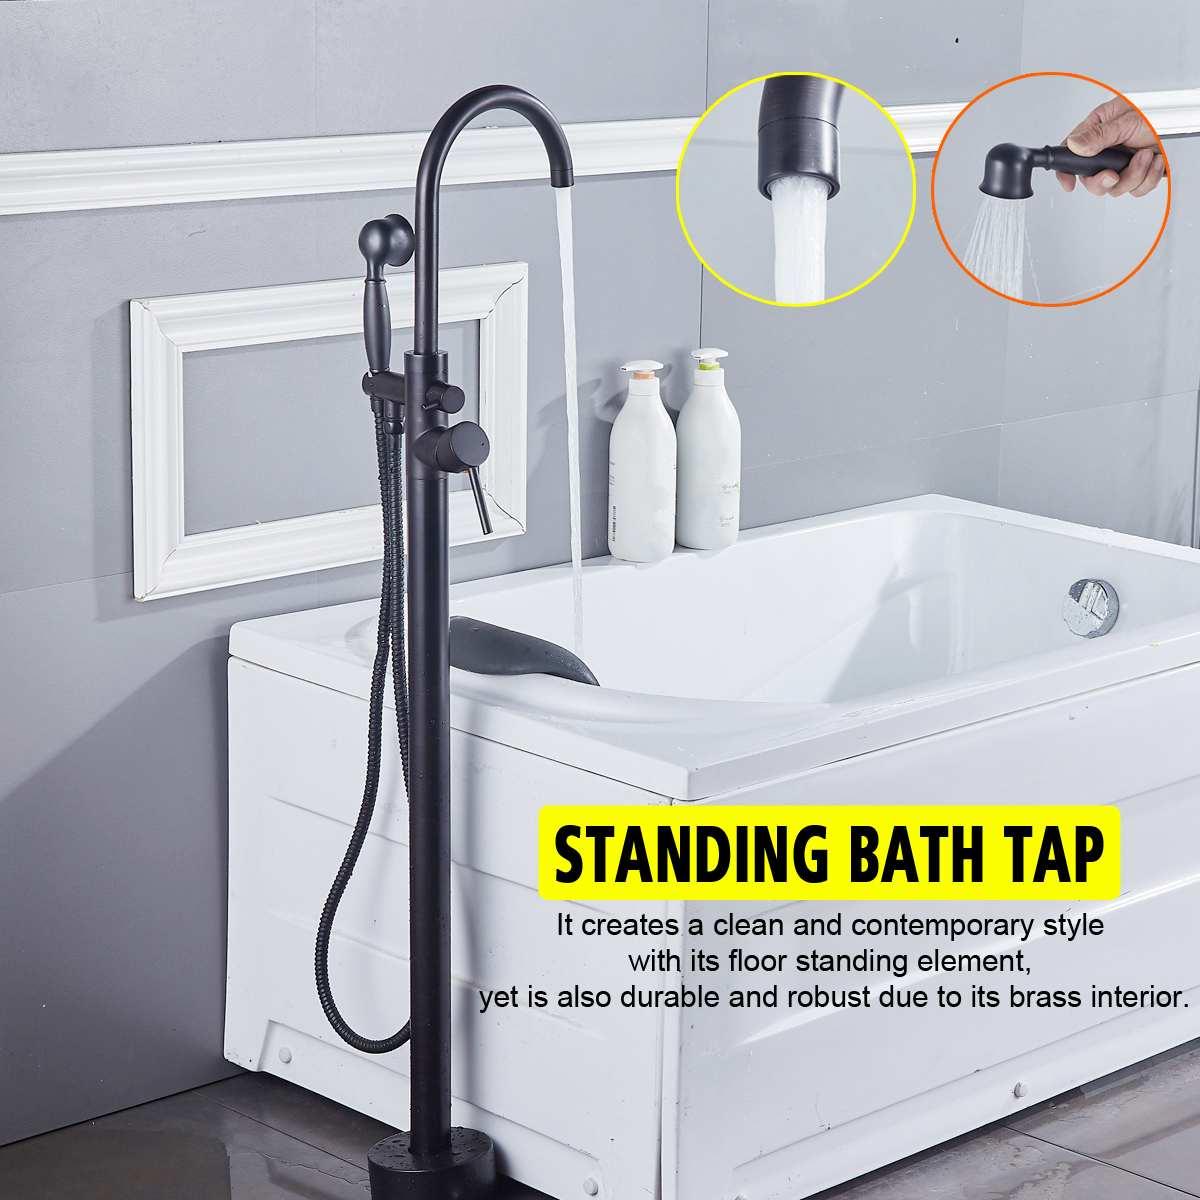 Salle de bain noir baignoire robinet plancher monté baignoire mitigeur double poignée en laiton baignoire évier chaud eau froide robinet